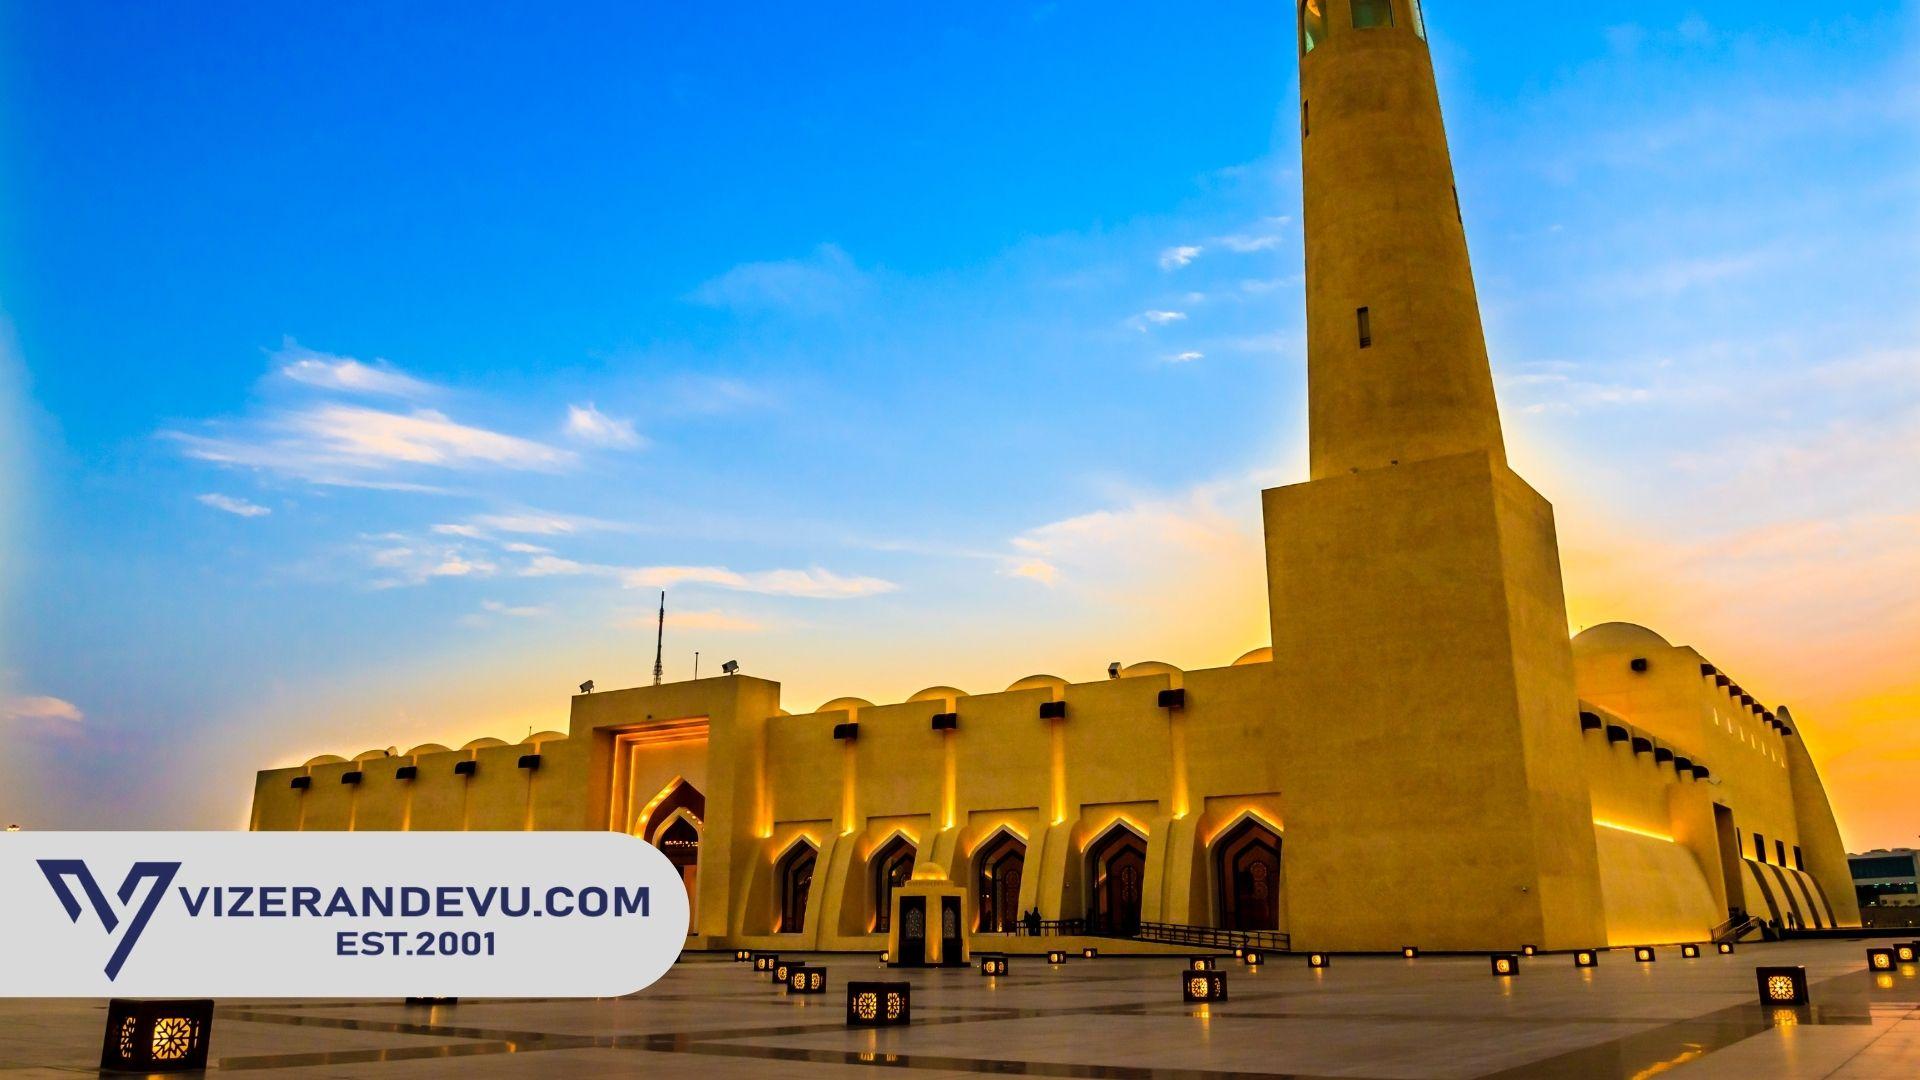 Katar Vizesi: Randevu ve Başvuru (2021)